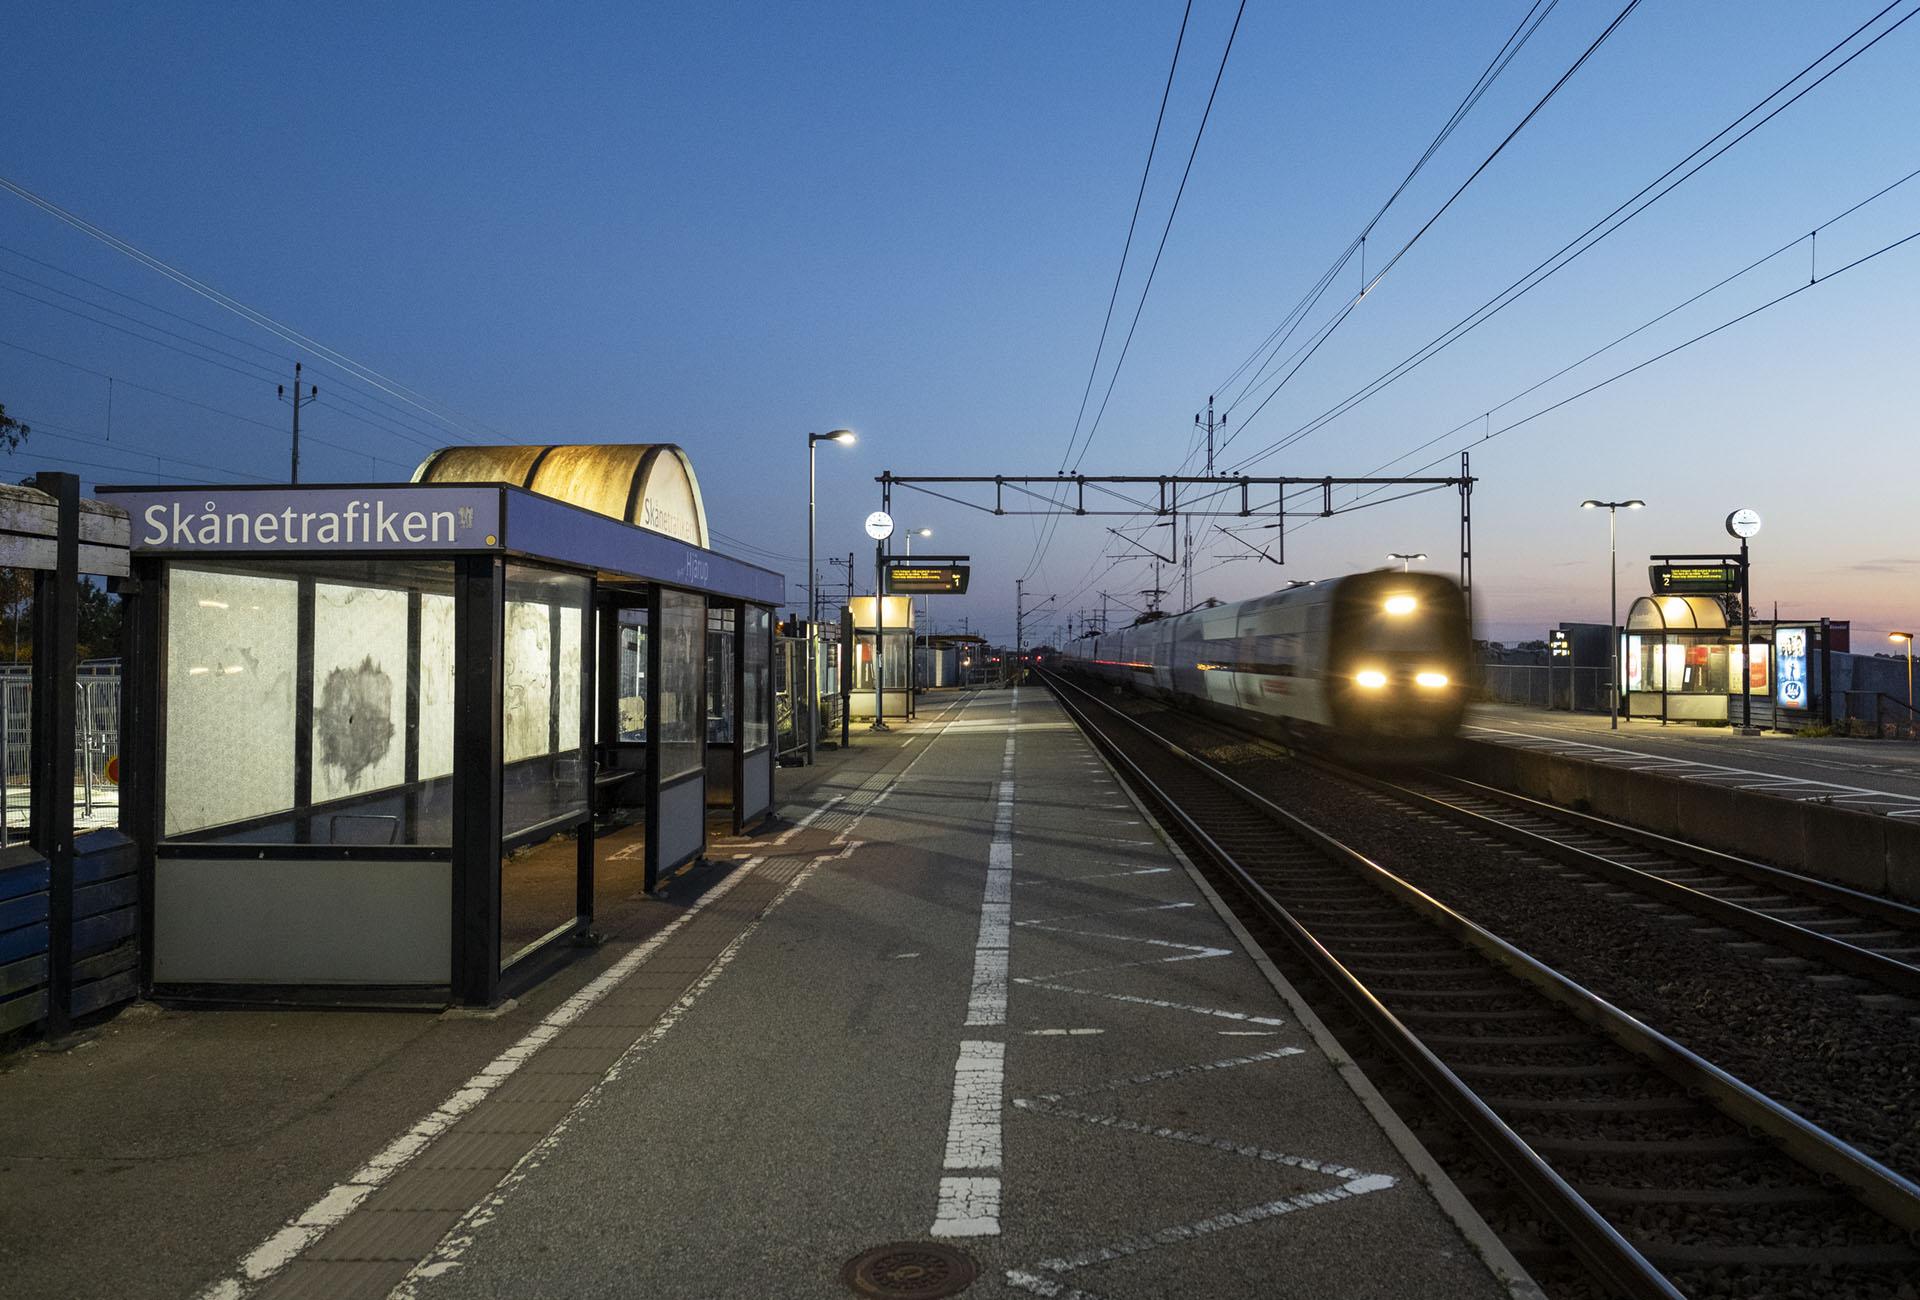 Tågstopp sex dygn Malmö-Lund